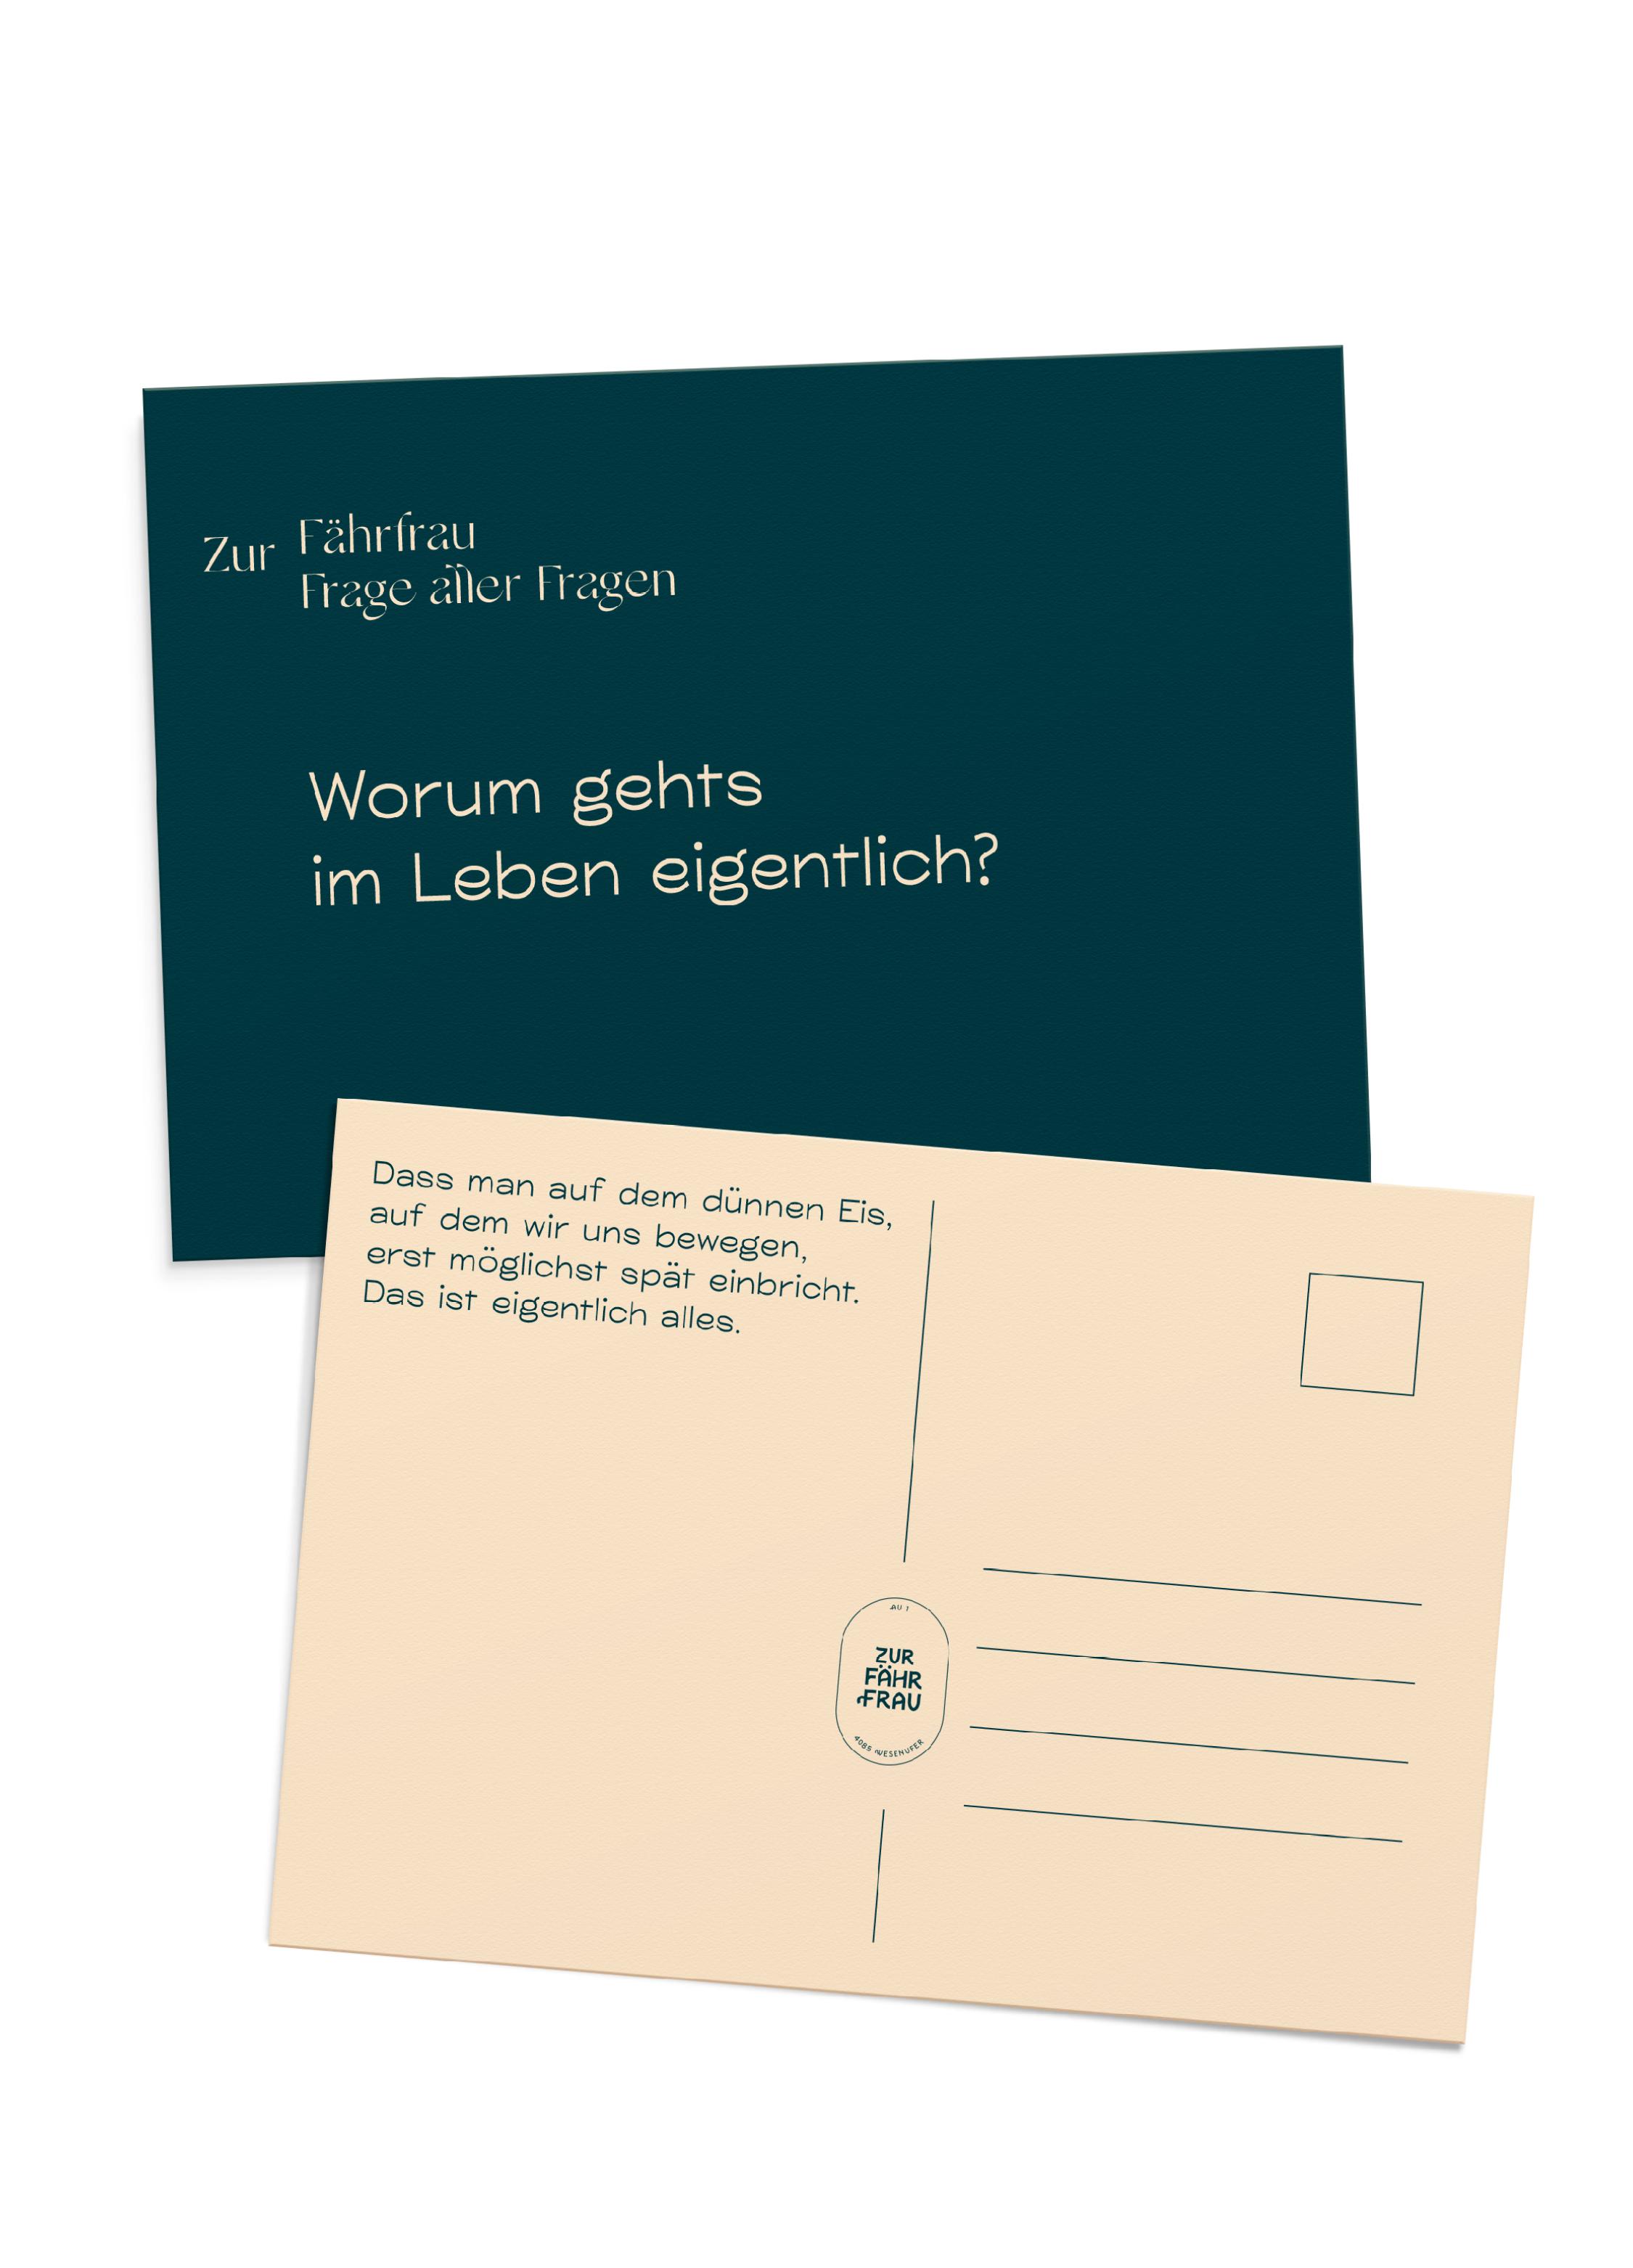 Ref Faehrfrau Website Postkarten